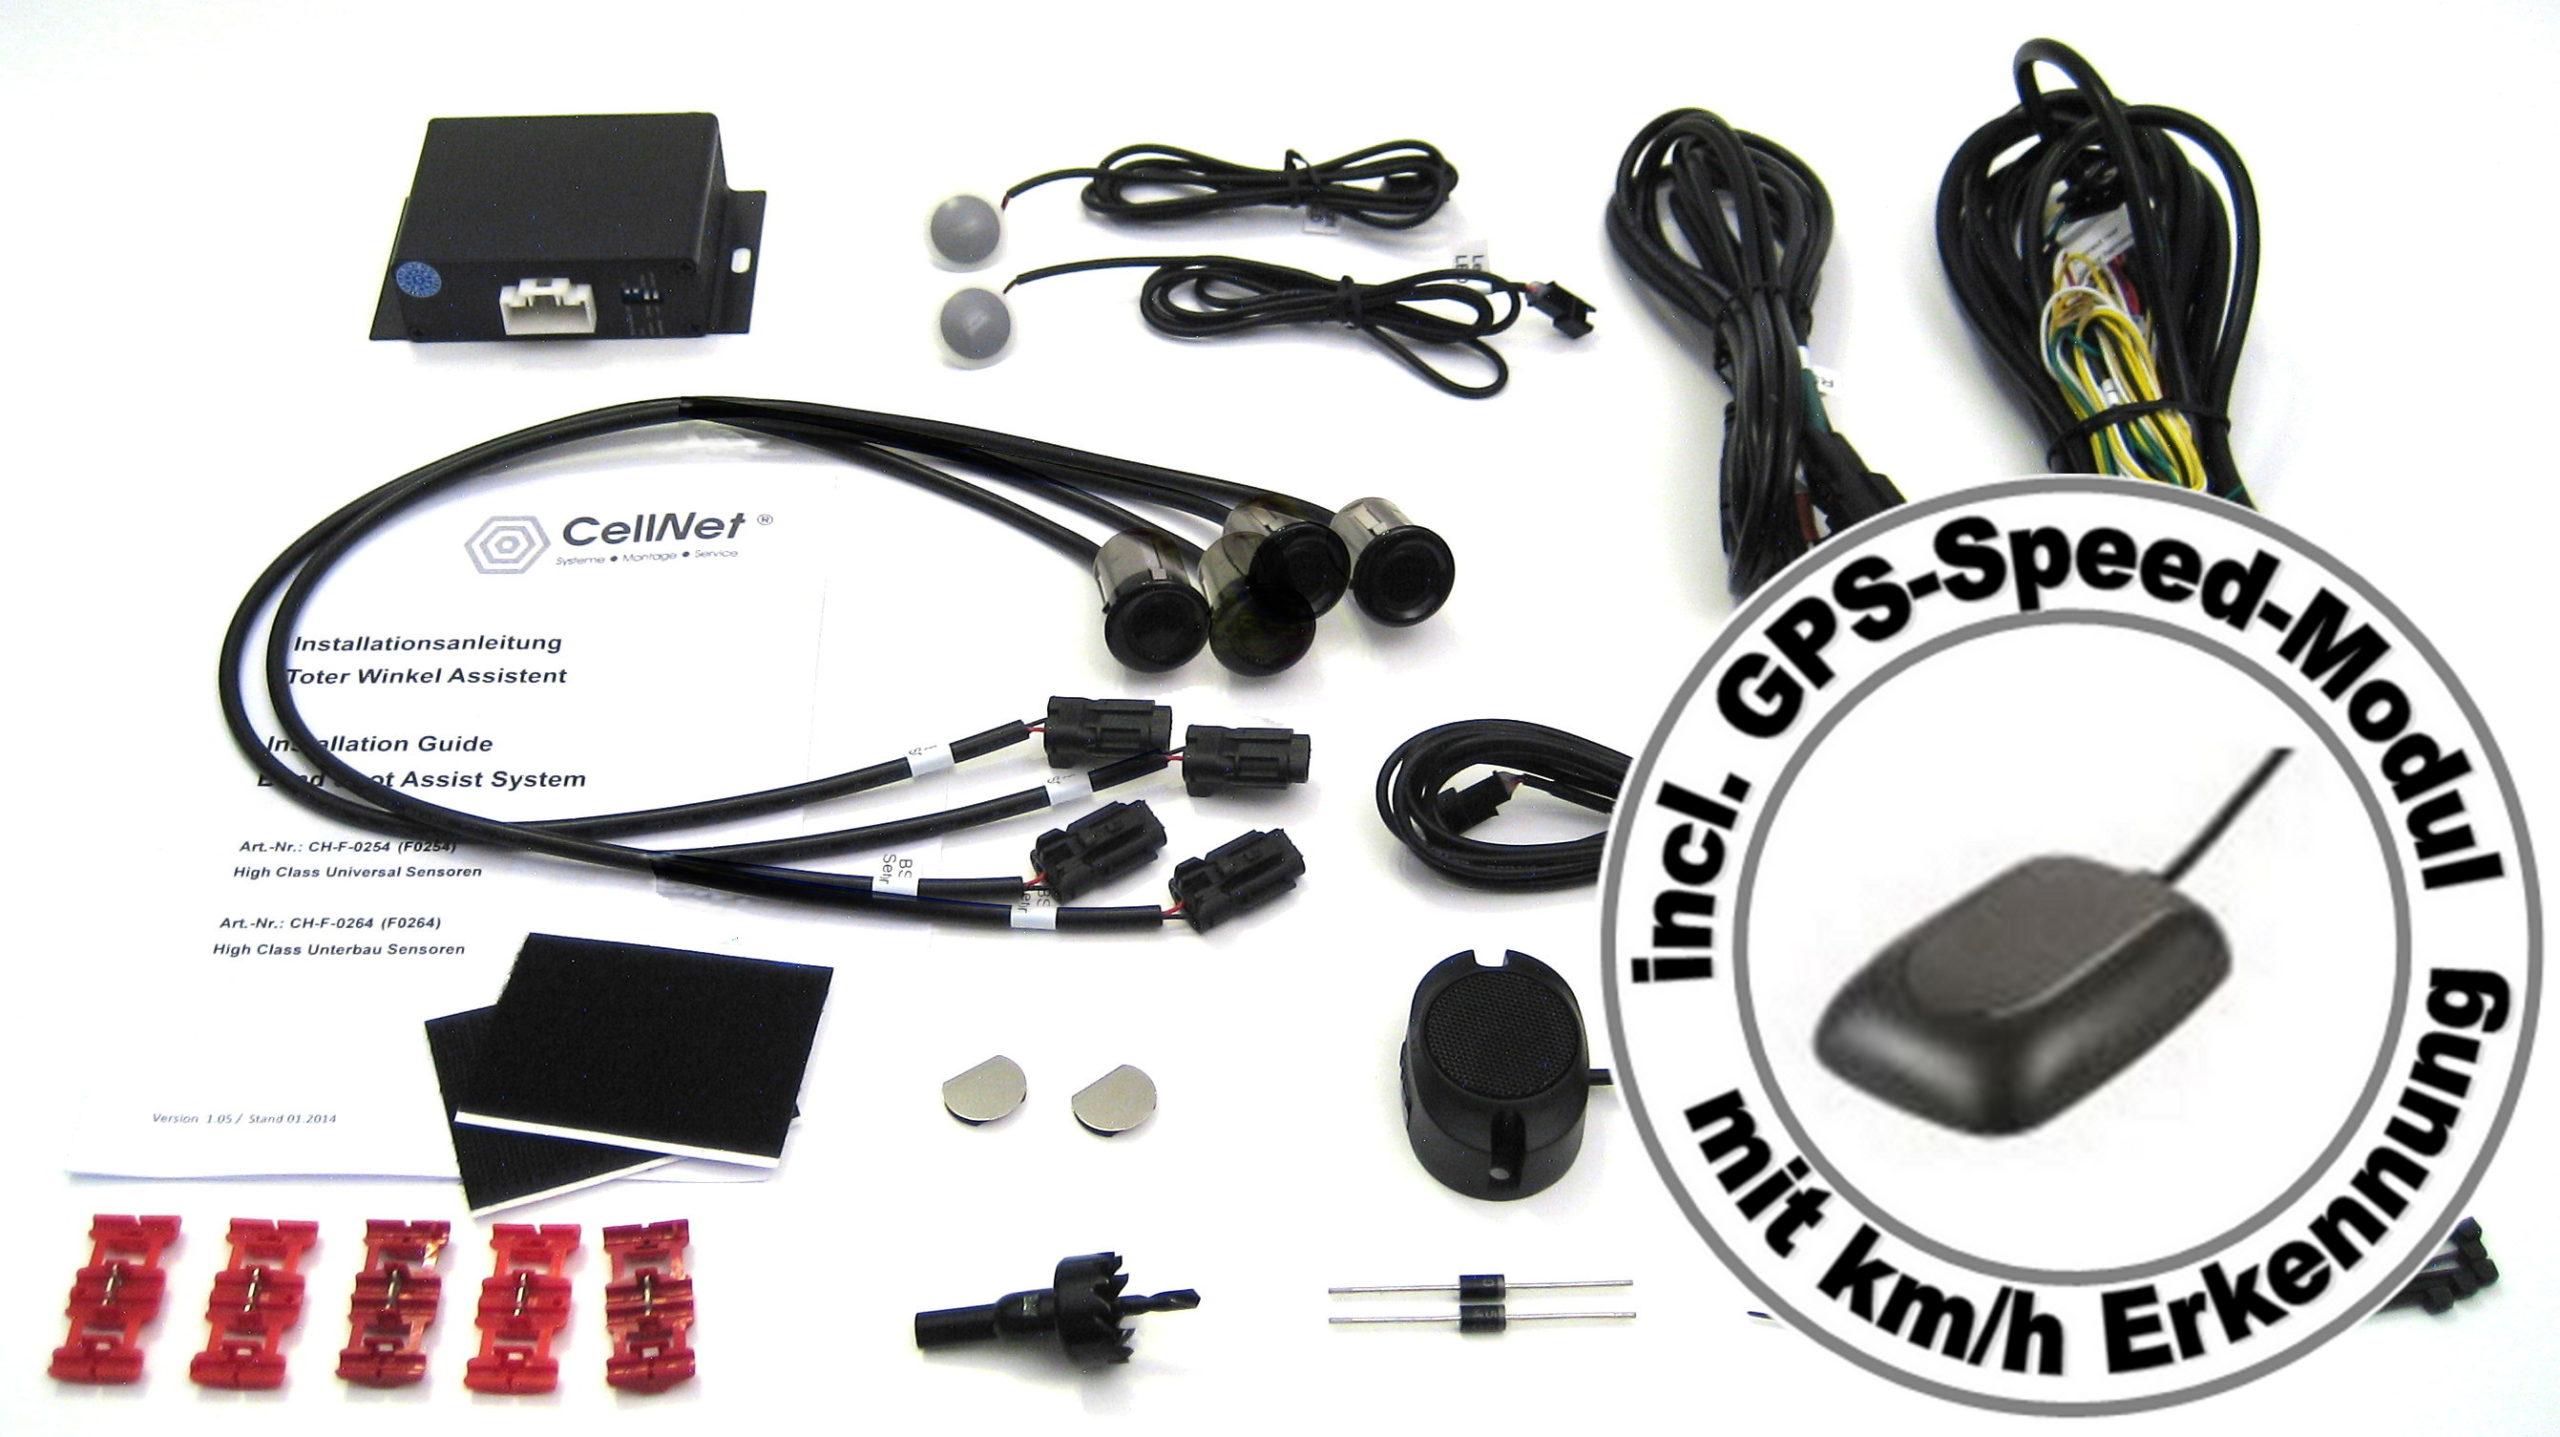 Toter-Winkel-Assistent mit 4 x Universal-High-Class-Sensoren incl. GPS-Speed-Modul-991